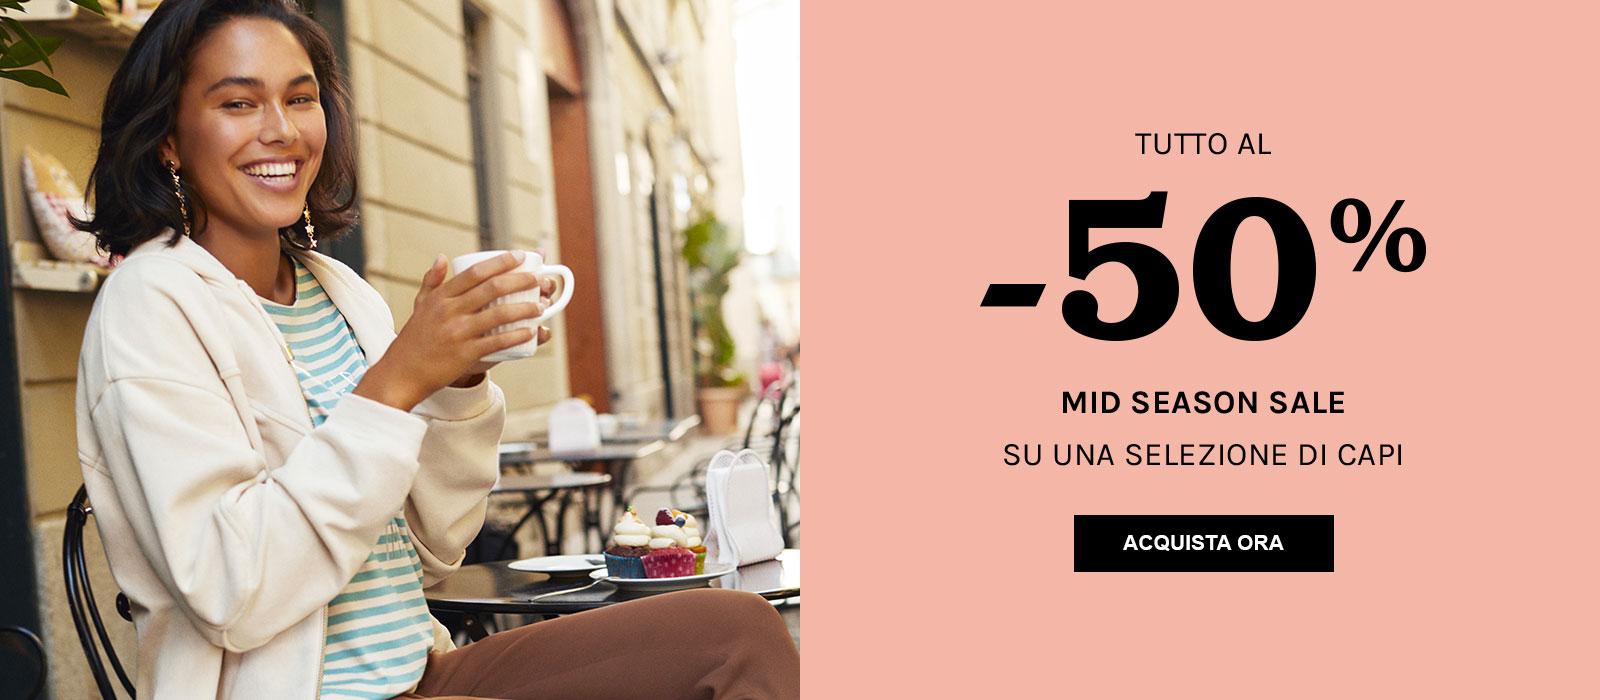 Fiorella Rubino Mid Season Sale